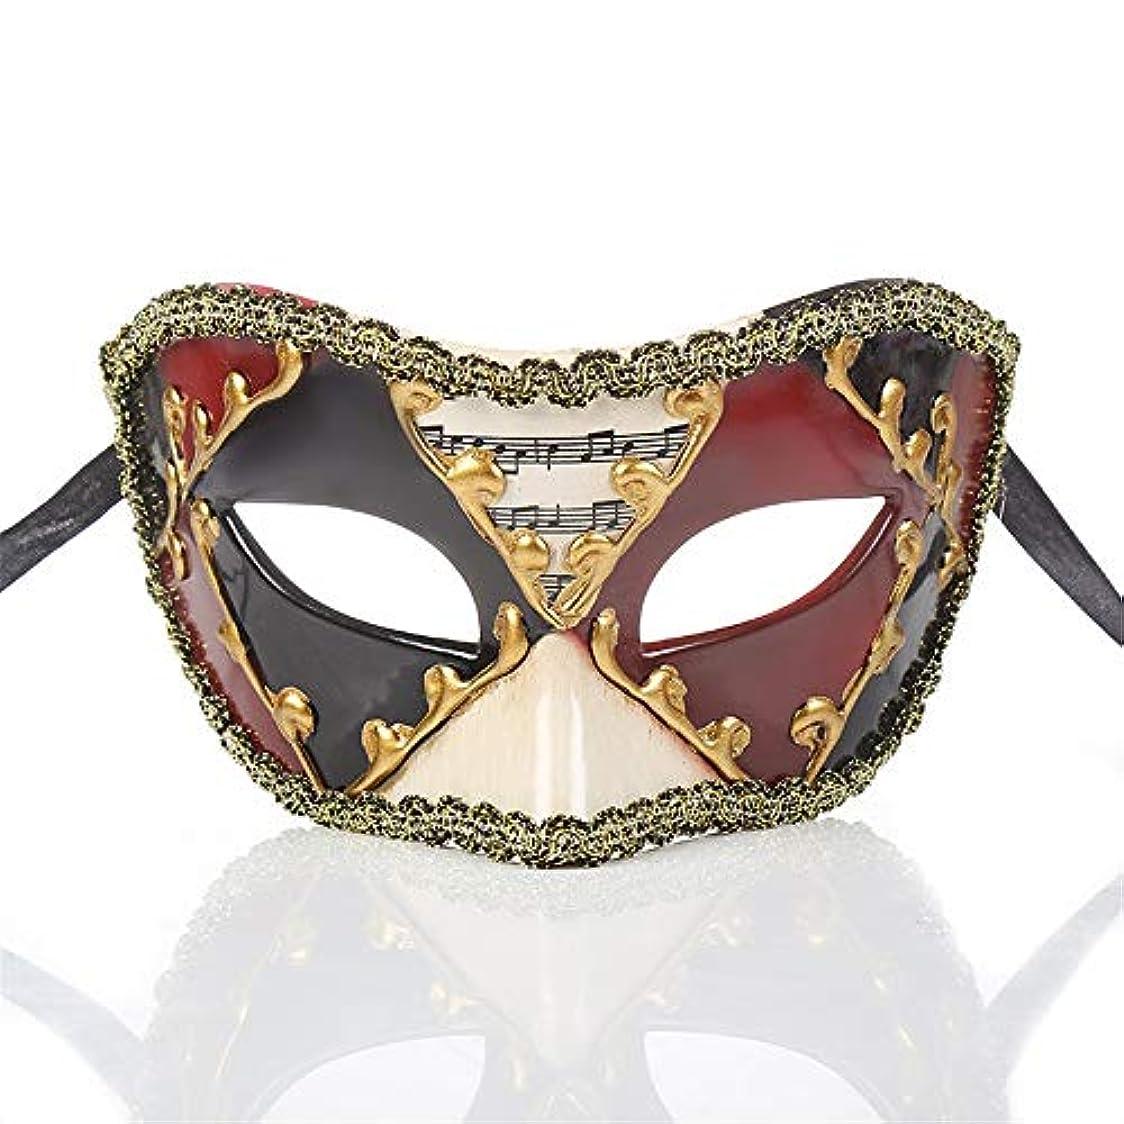 スパイラルために絶望的なダンスマスク ヴィンテージクラシックハーフフェイスクラウンミュージカルノート装飾マスクフェスティバルロールプレイングプラスチックマスク ホリデーパーティー用品 (色 : 赤, サイズ : 16.5x8cm)